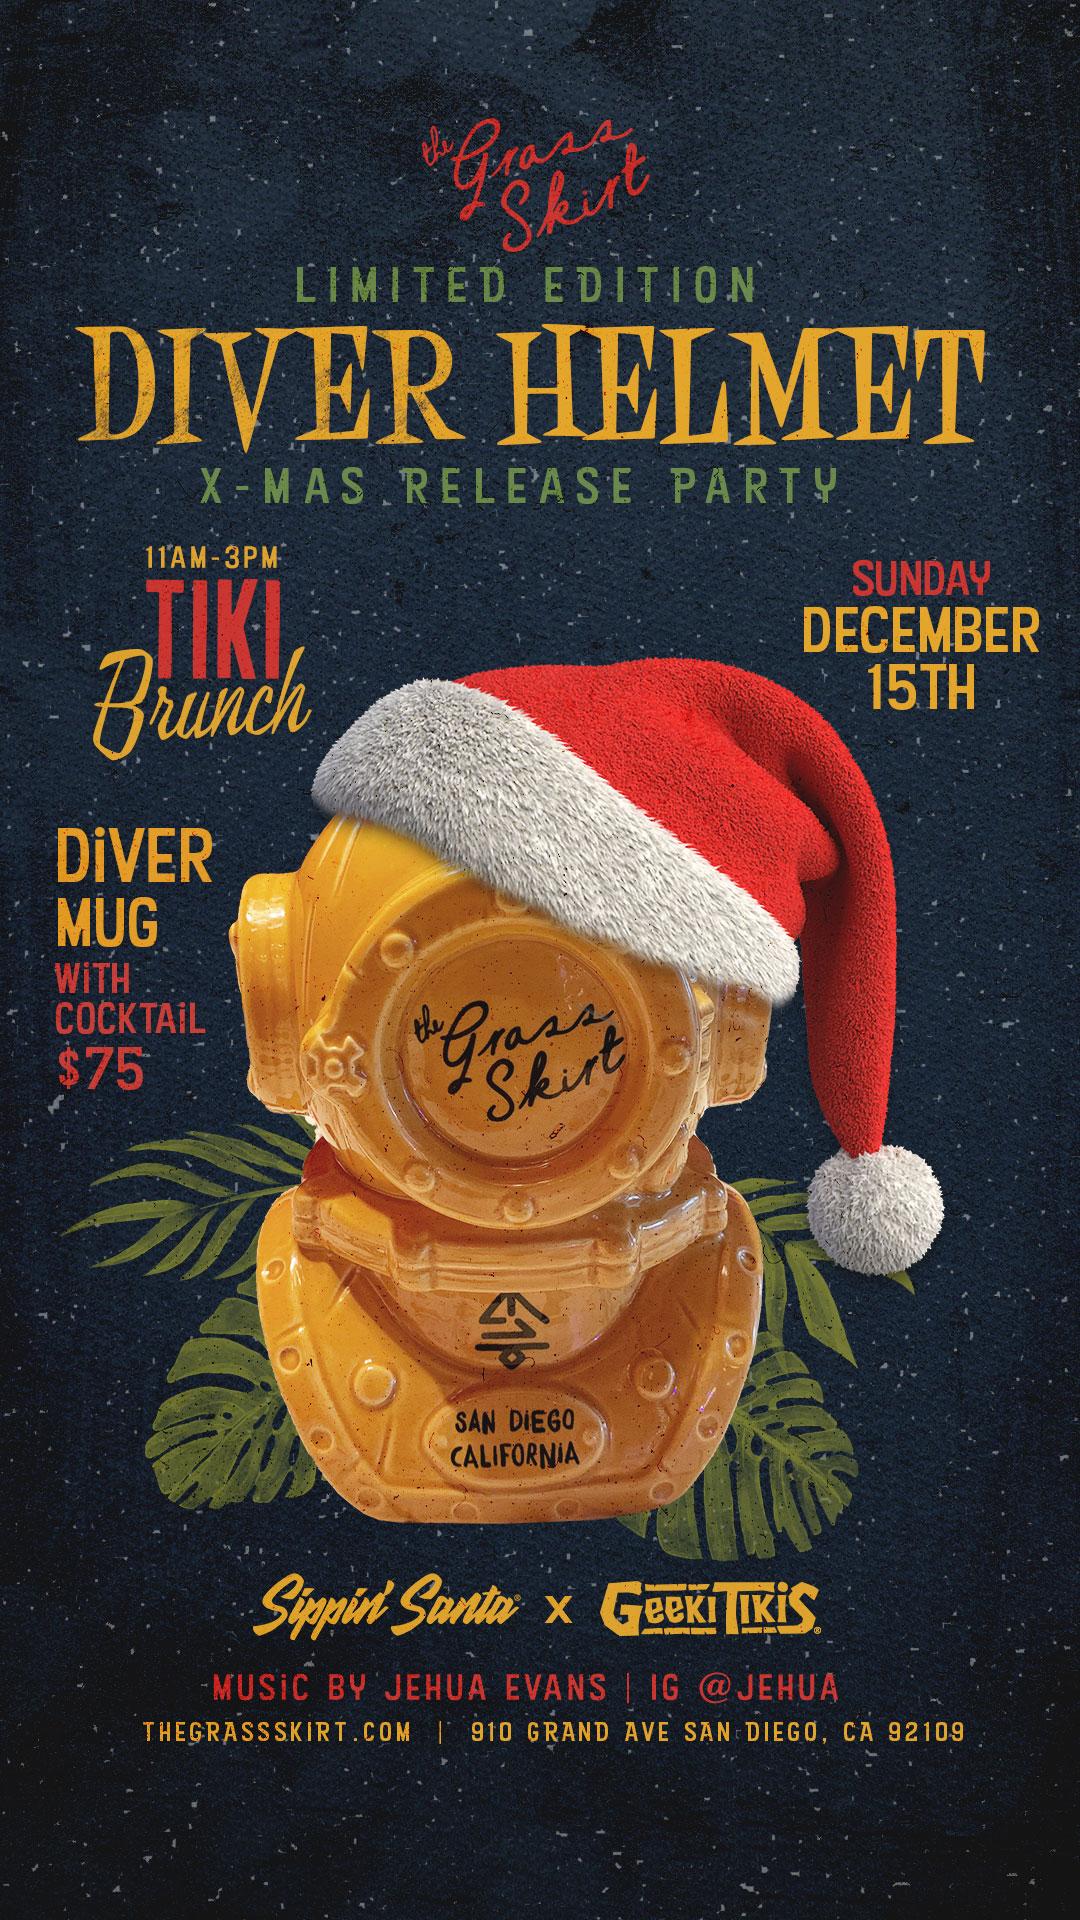 Diver Helmet X-Mas Release Party December 15th, 11AM - 3PM